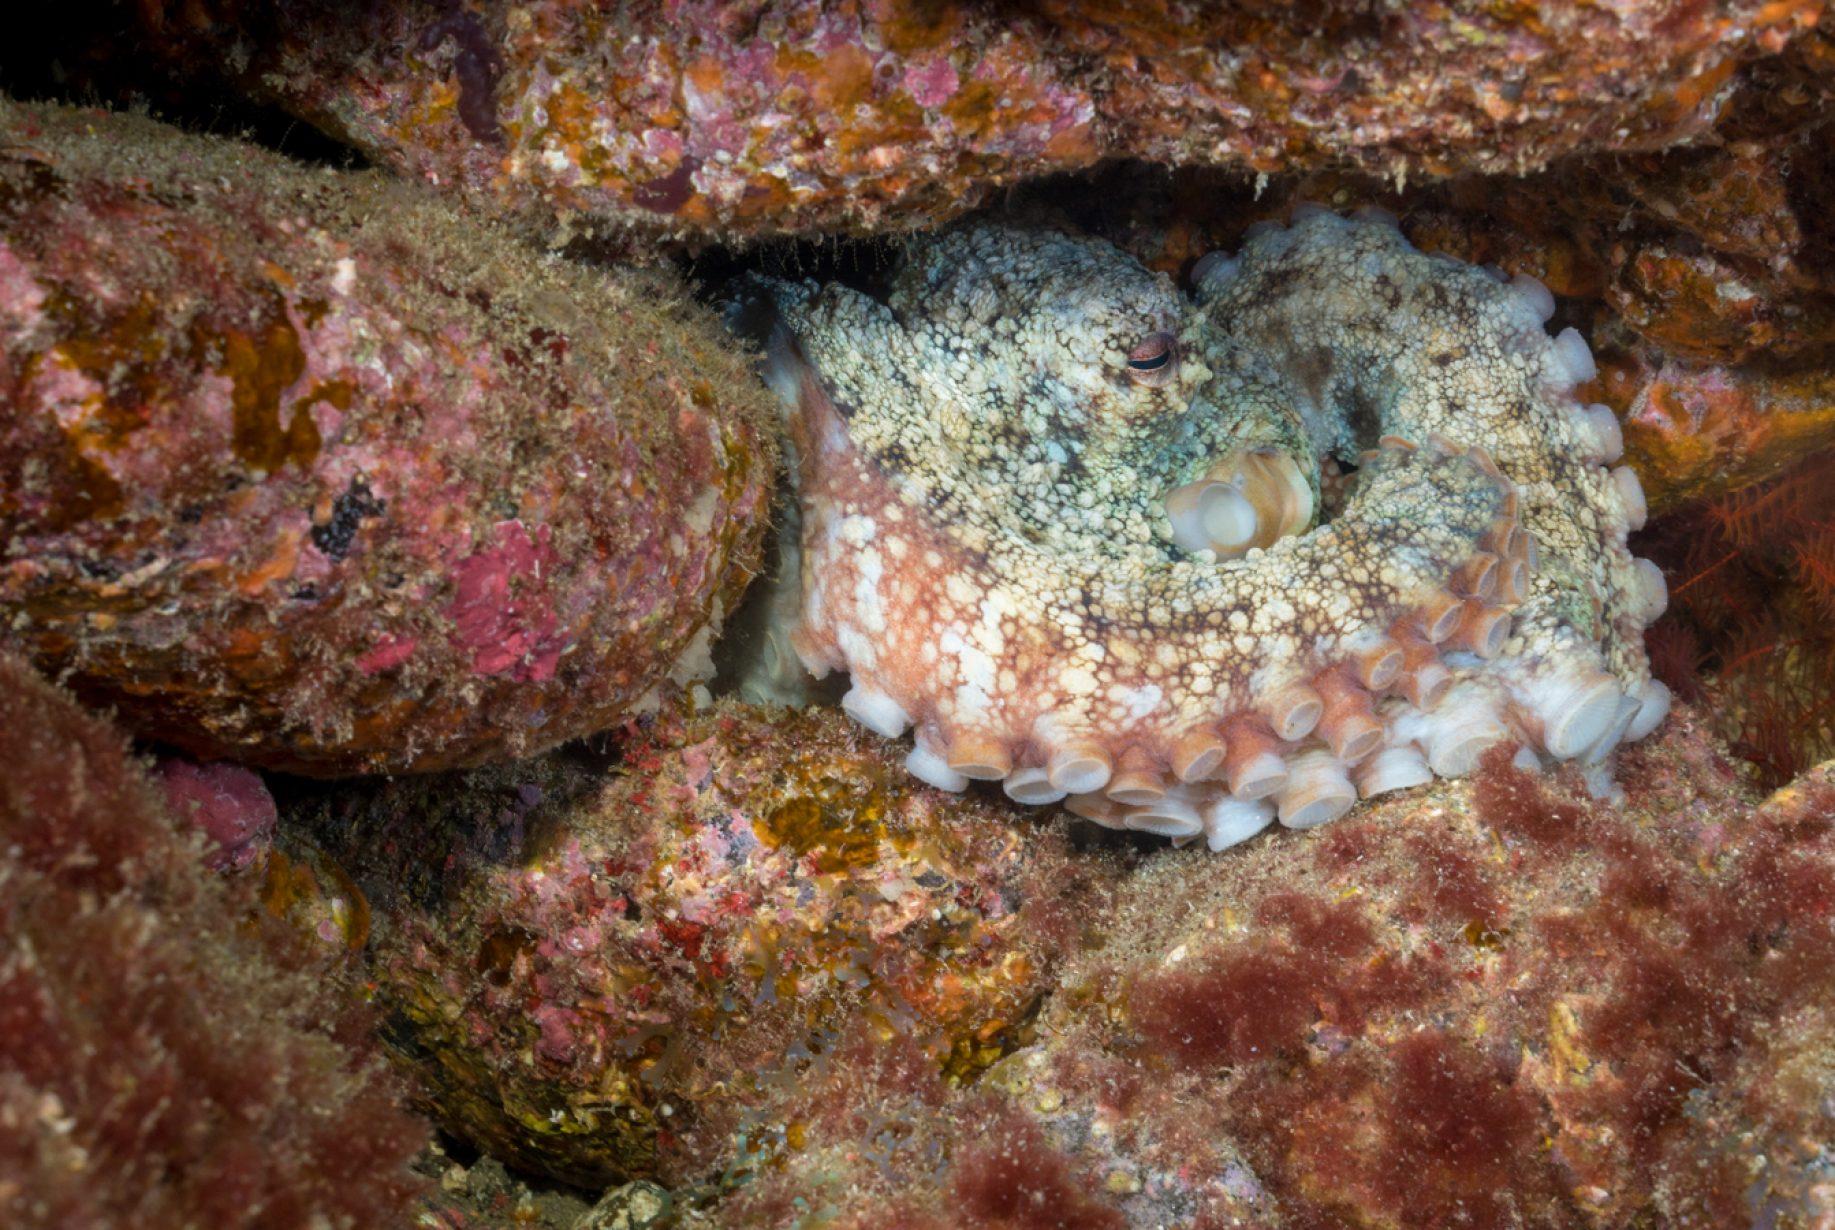 Los octópodos  son un orden de moluscos cefalópodos octopodiformes conocidos comúnmente como pulpos. Al igual que otros cefalópodos, el pulpo es bilateralmente simétrico, con la boca y el pico situados en el punto central de sus ocho extremidades.